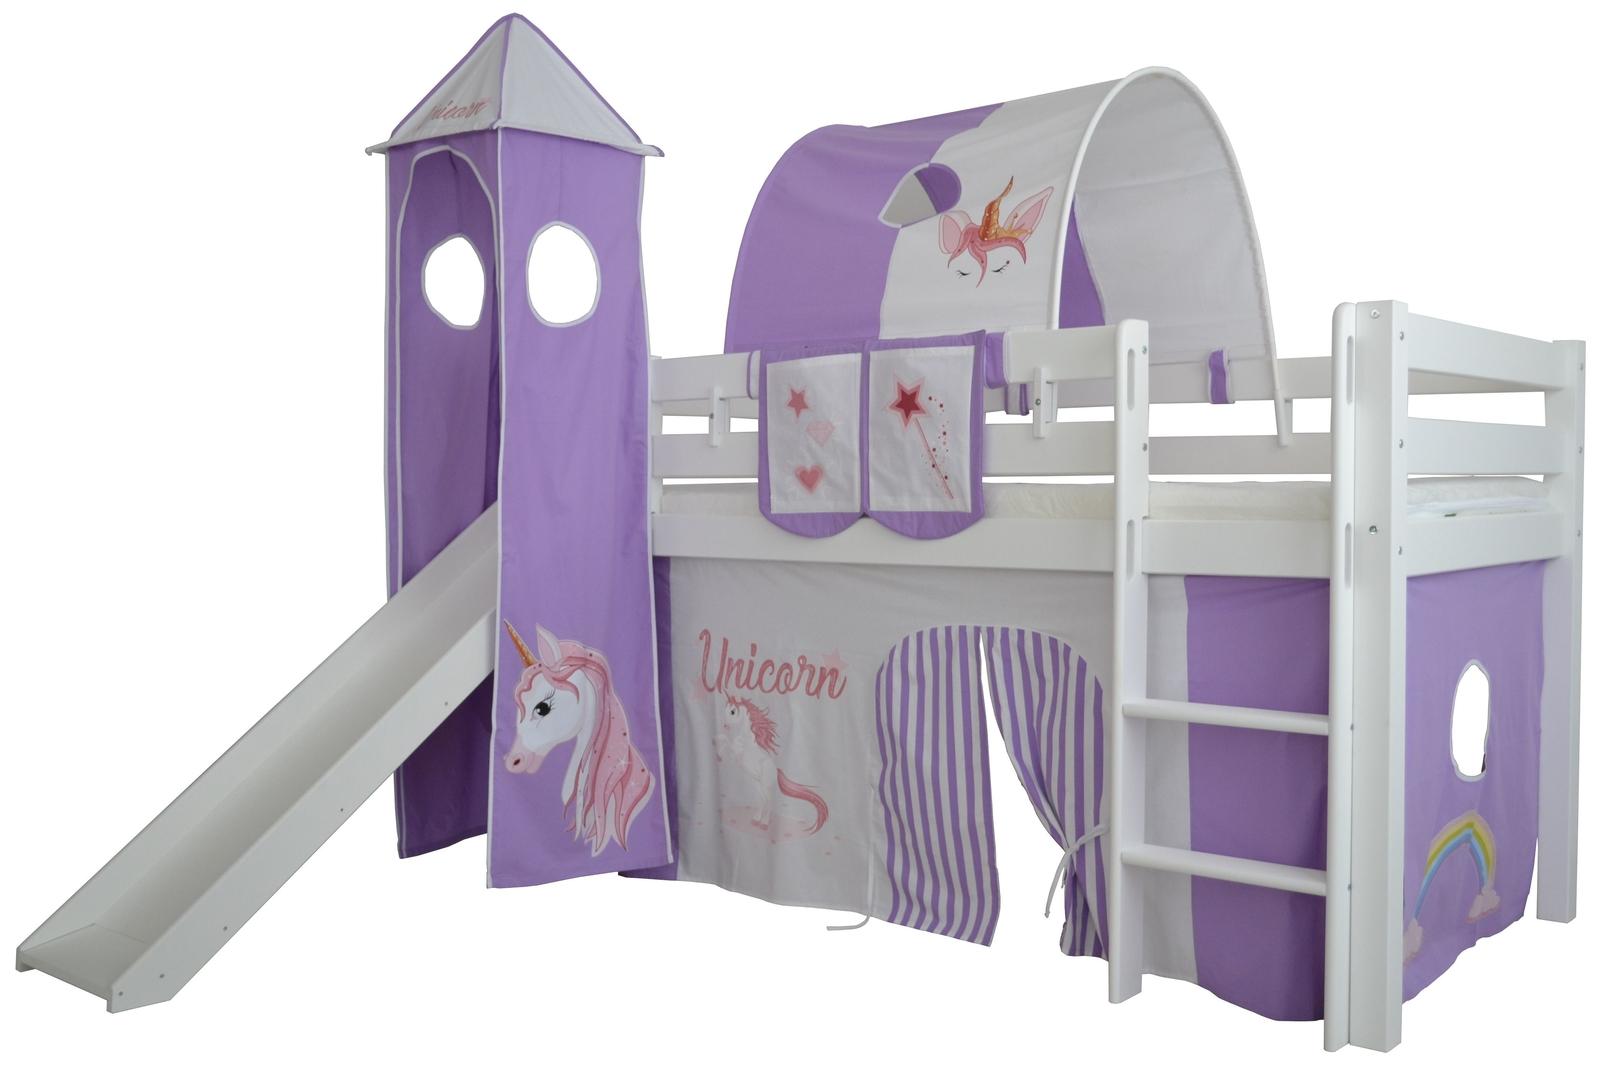 Full Size of Hochbett Kinderzimmer Halbhohes Einhorn Massivholz Mit Leiter Und Regale Regal Weiß Sofa Kinderzimmer Hochbett Kinderzimmer